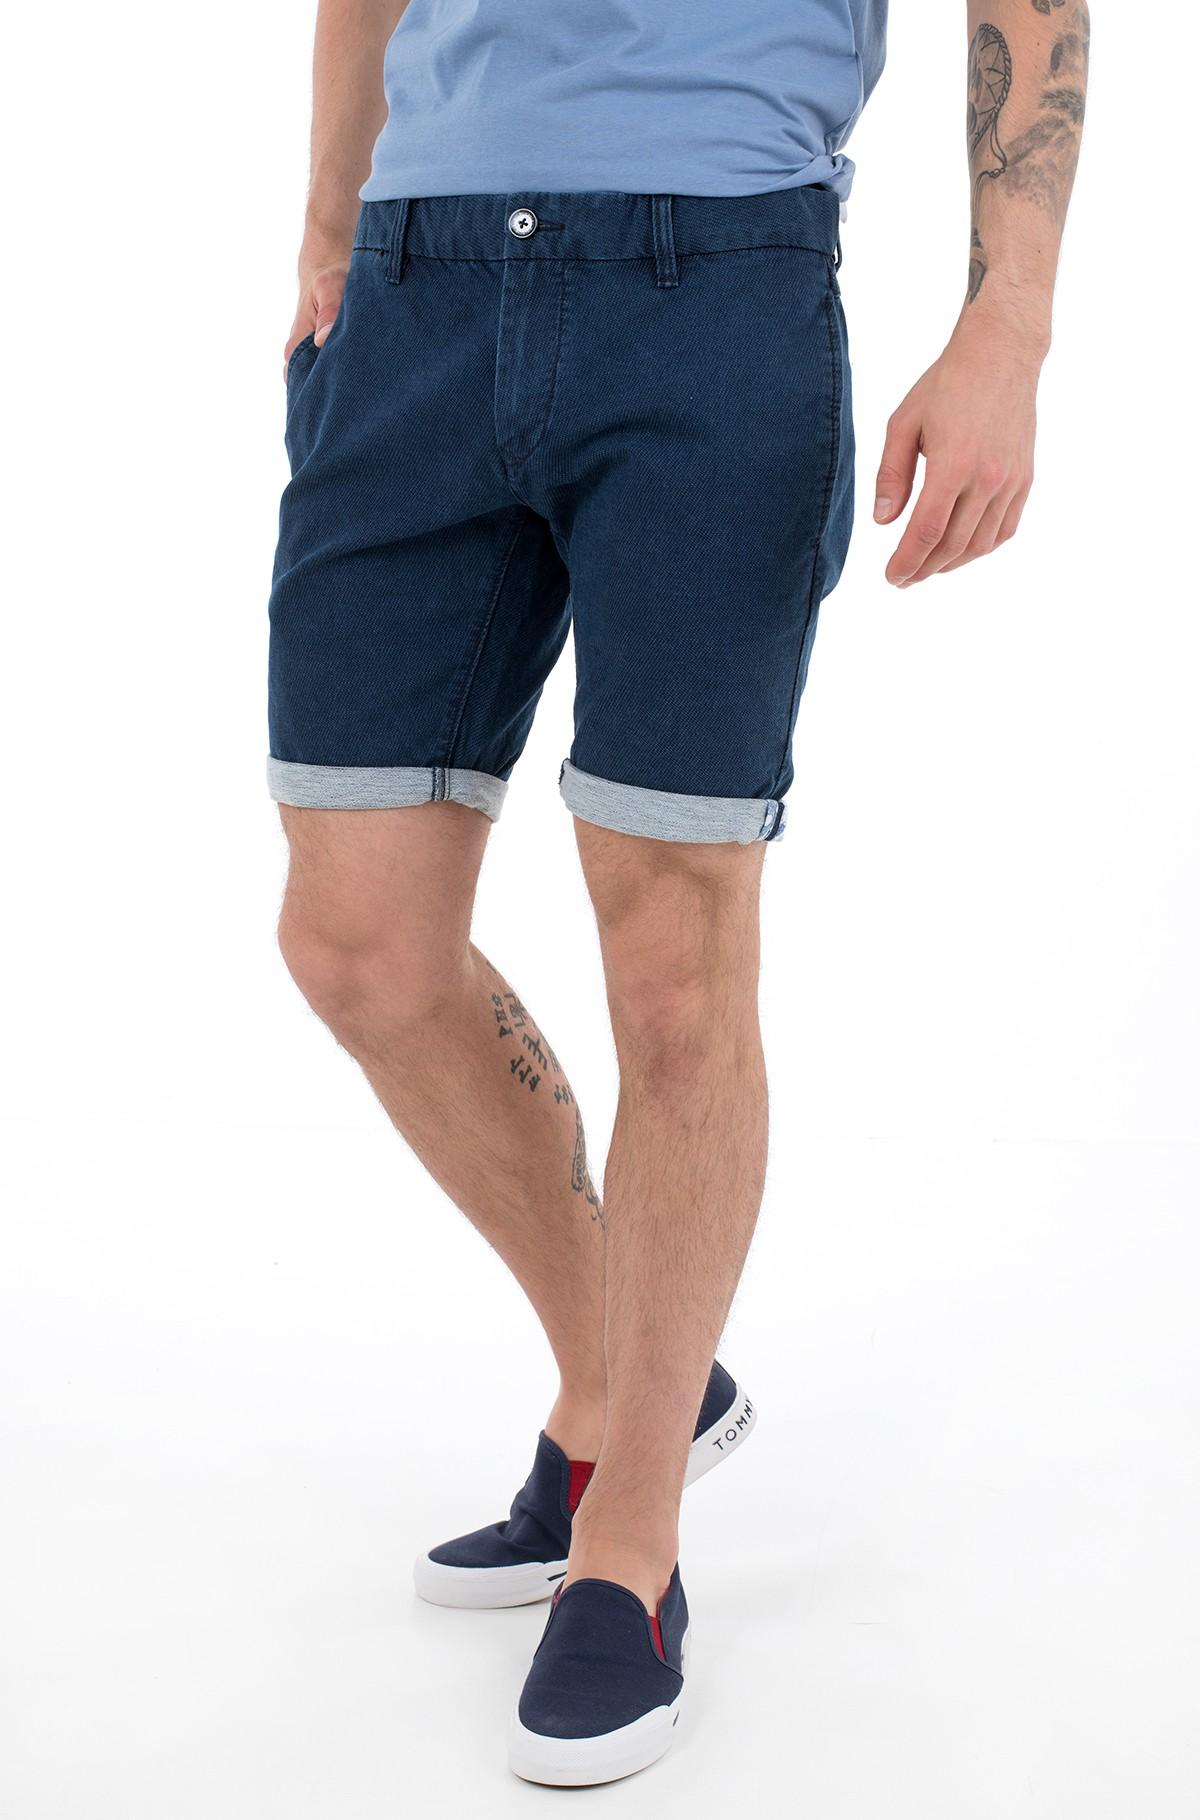 Lühikesed püksid JAMES SHORT INDIGO/PM800841-full-1